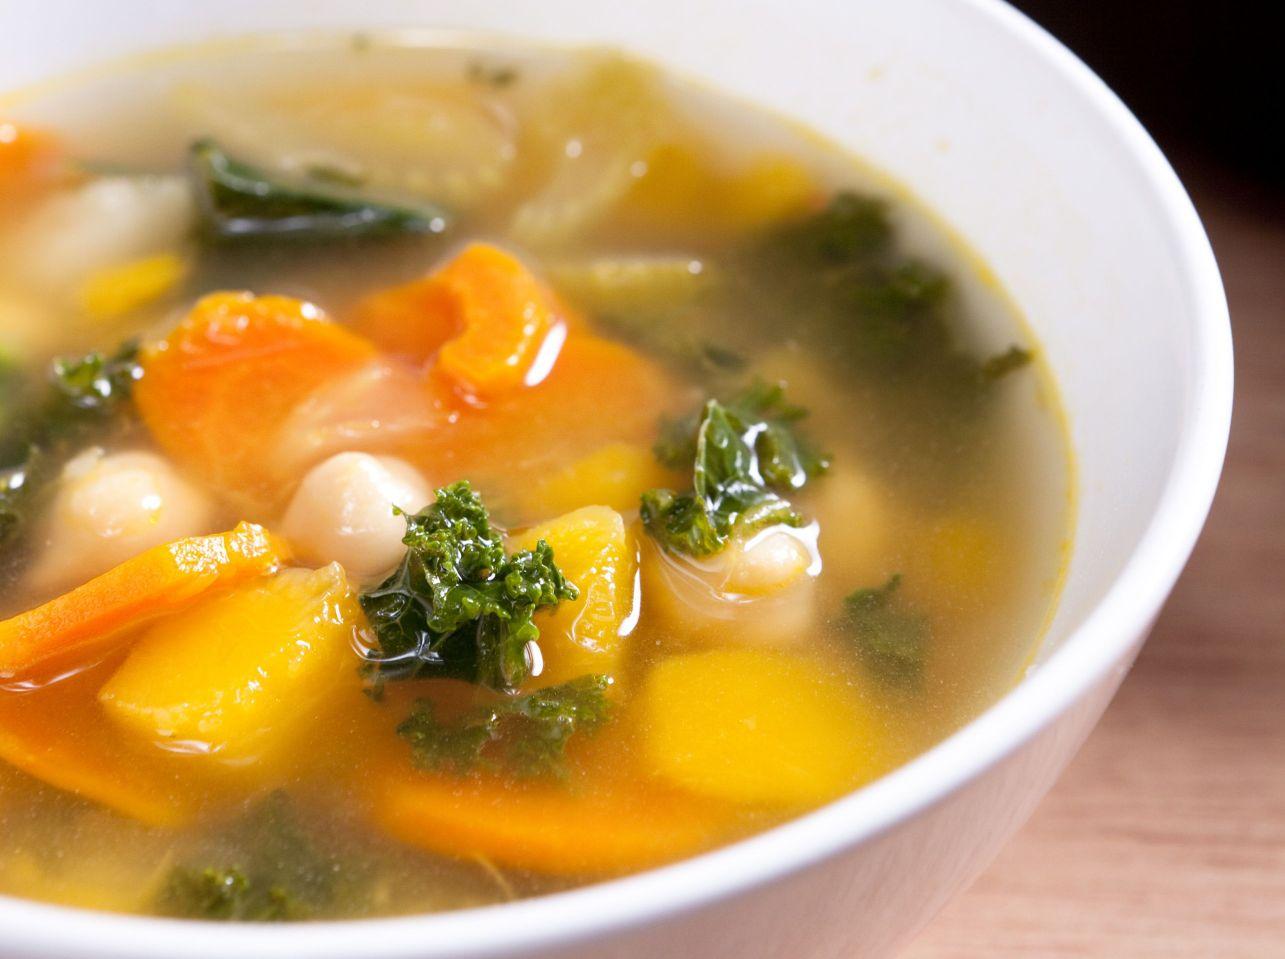 Saranno le zuppe della nonna il nuovo trend salutista?